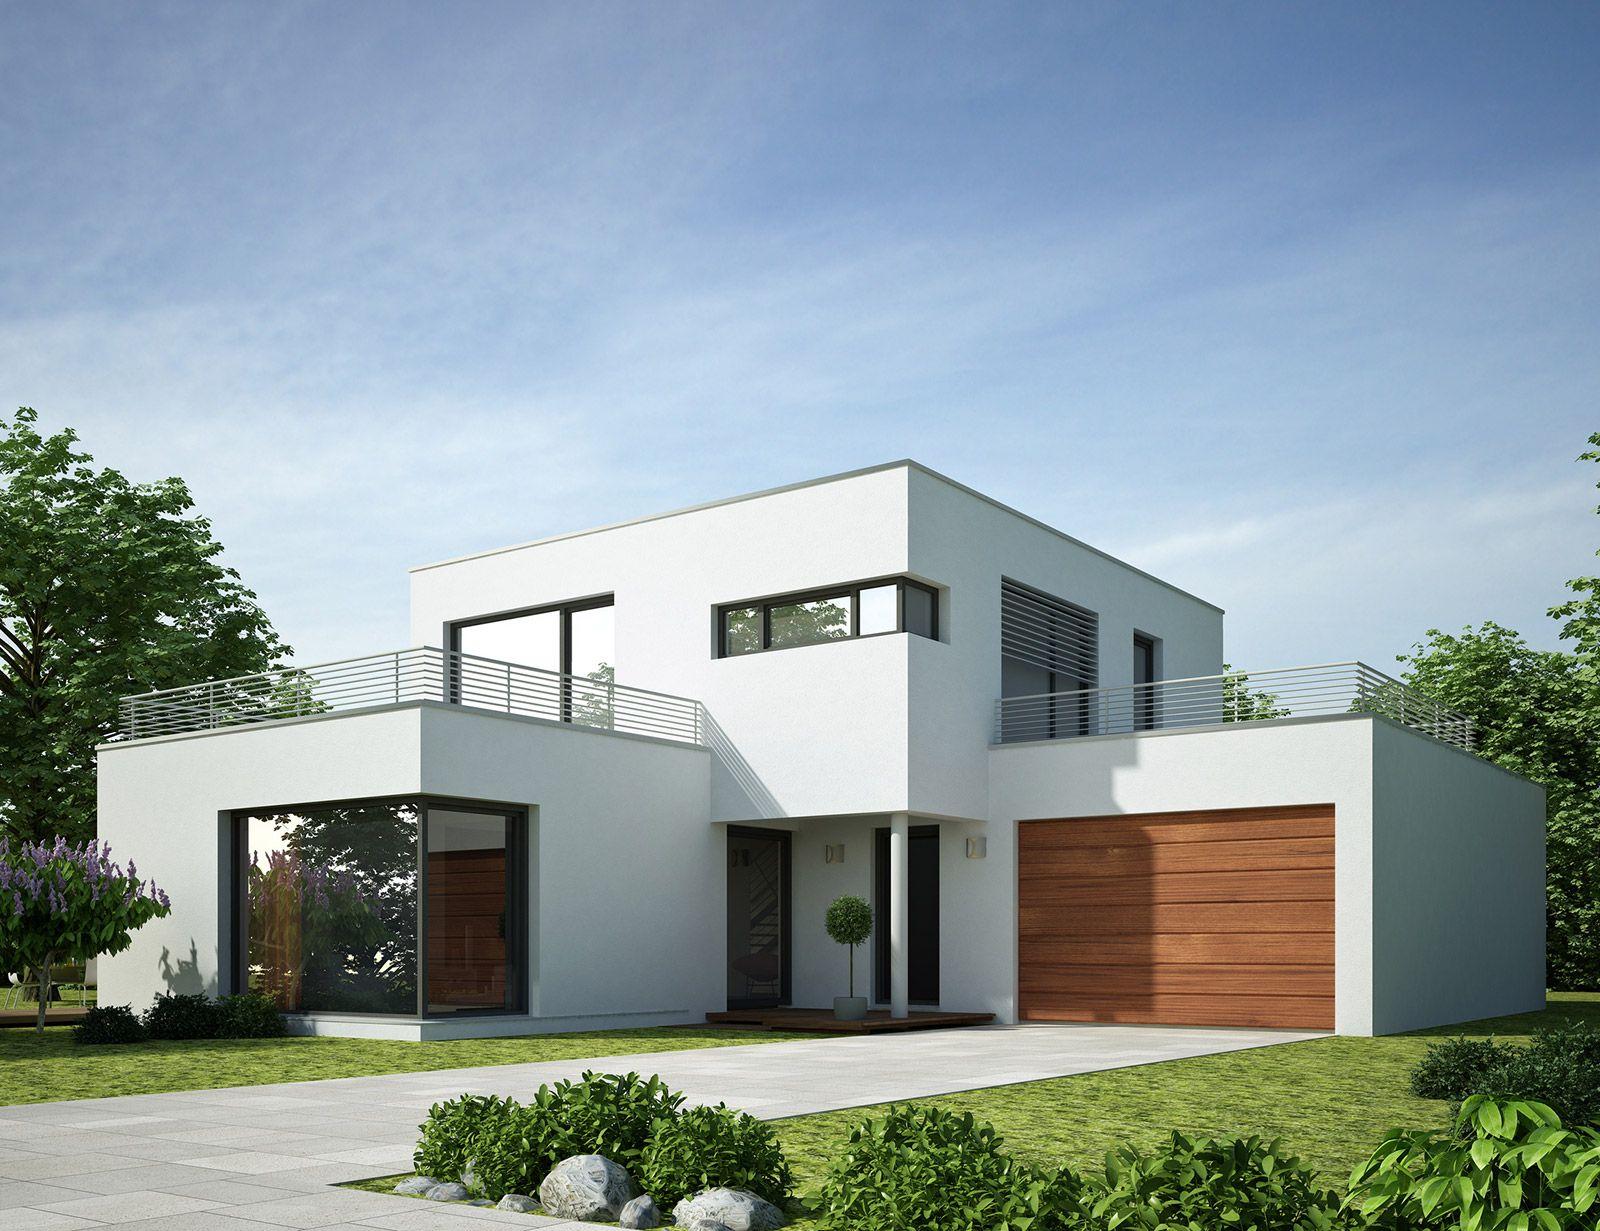 Pin von Christopher Lafon Fregeac auf Architecture | Pinterest ...